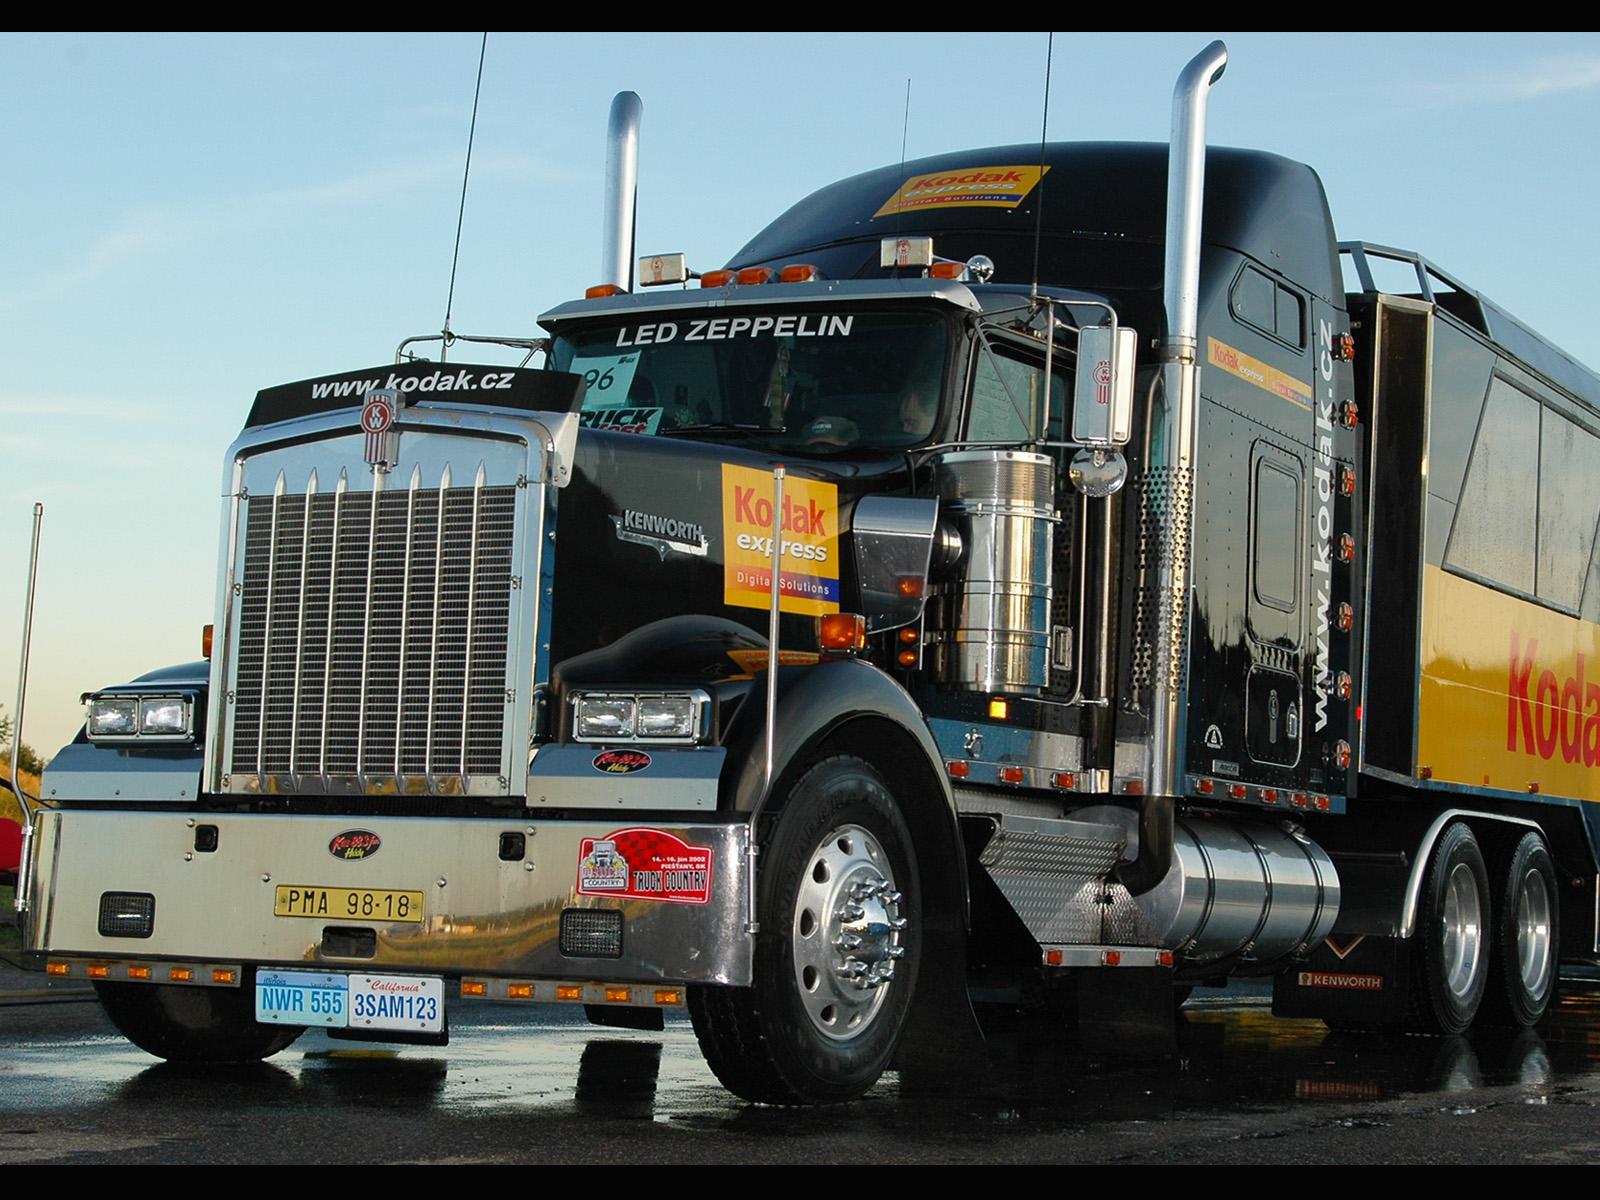 imagenes-de-trailers-de-carga-5